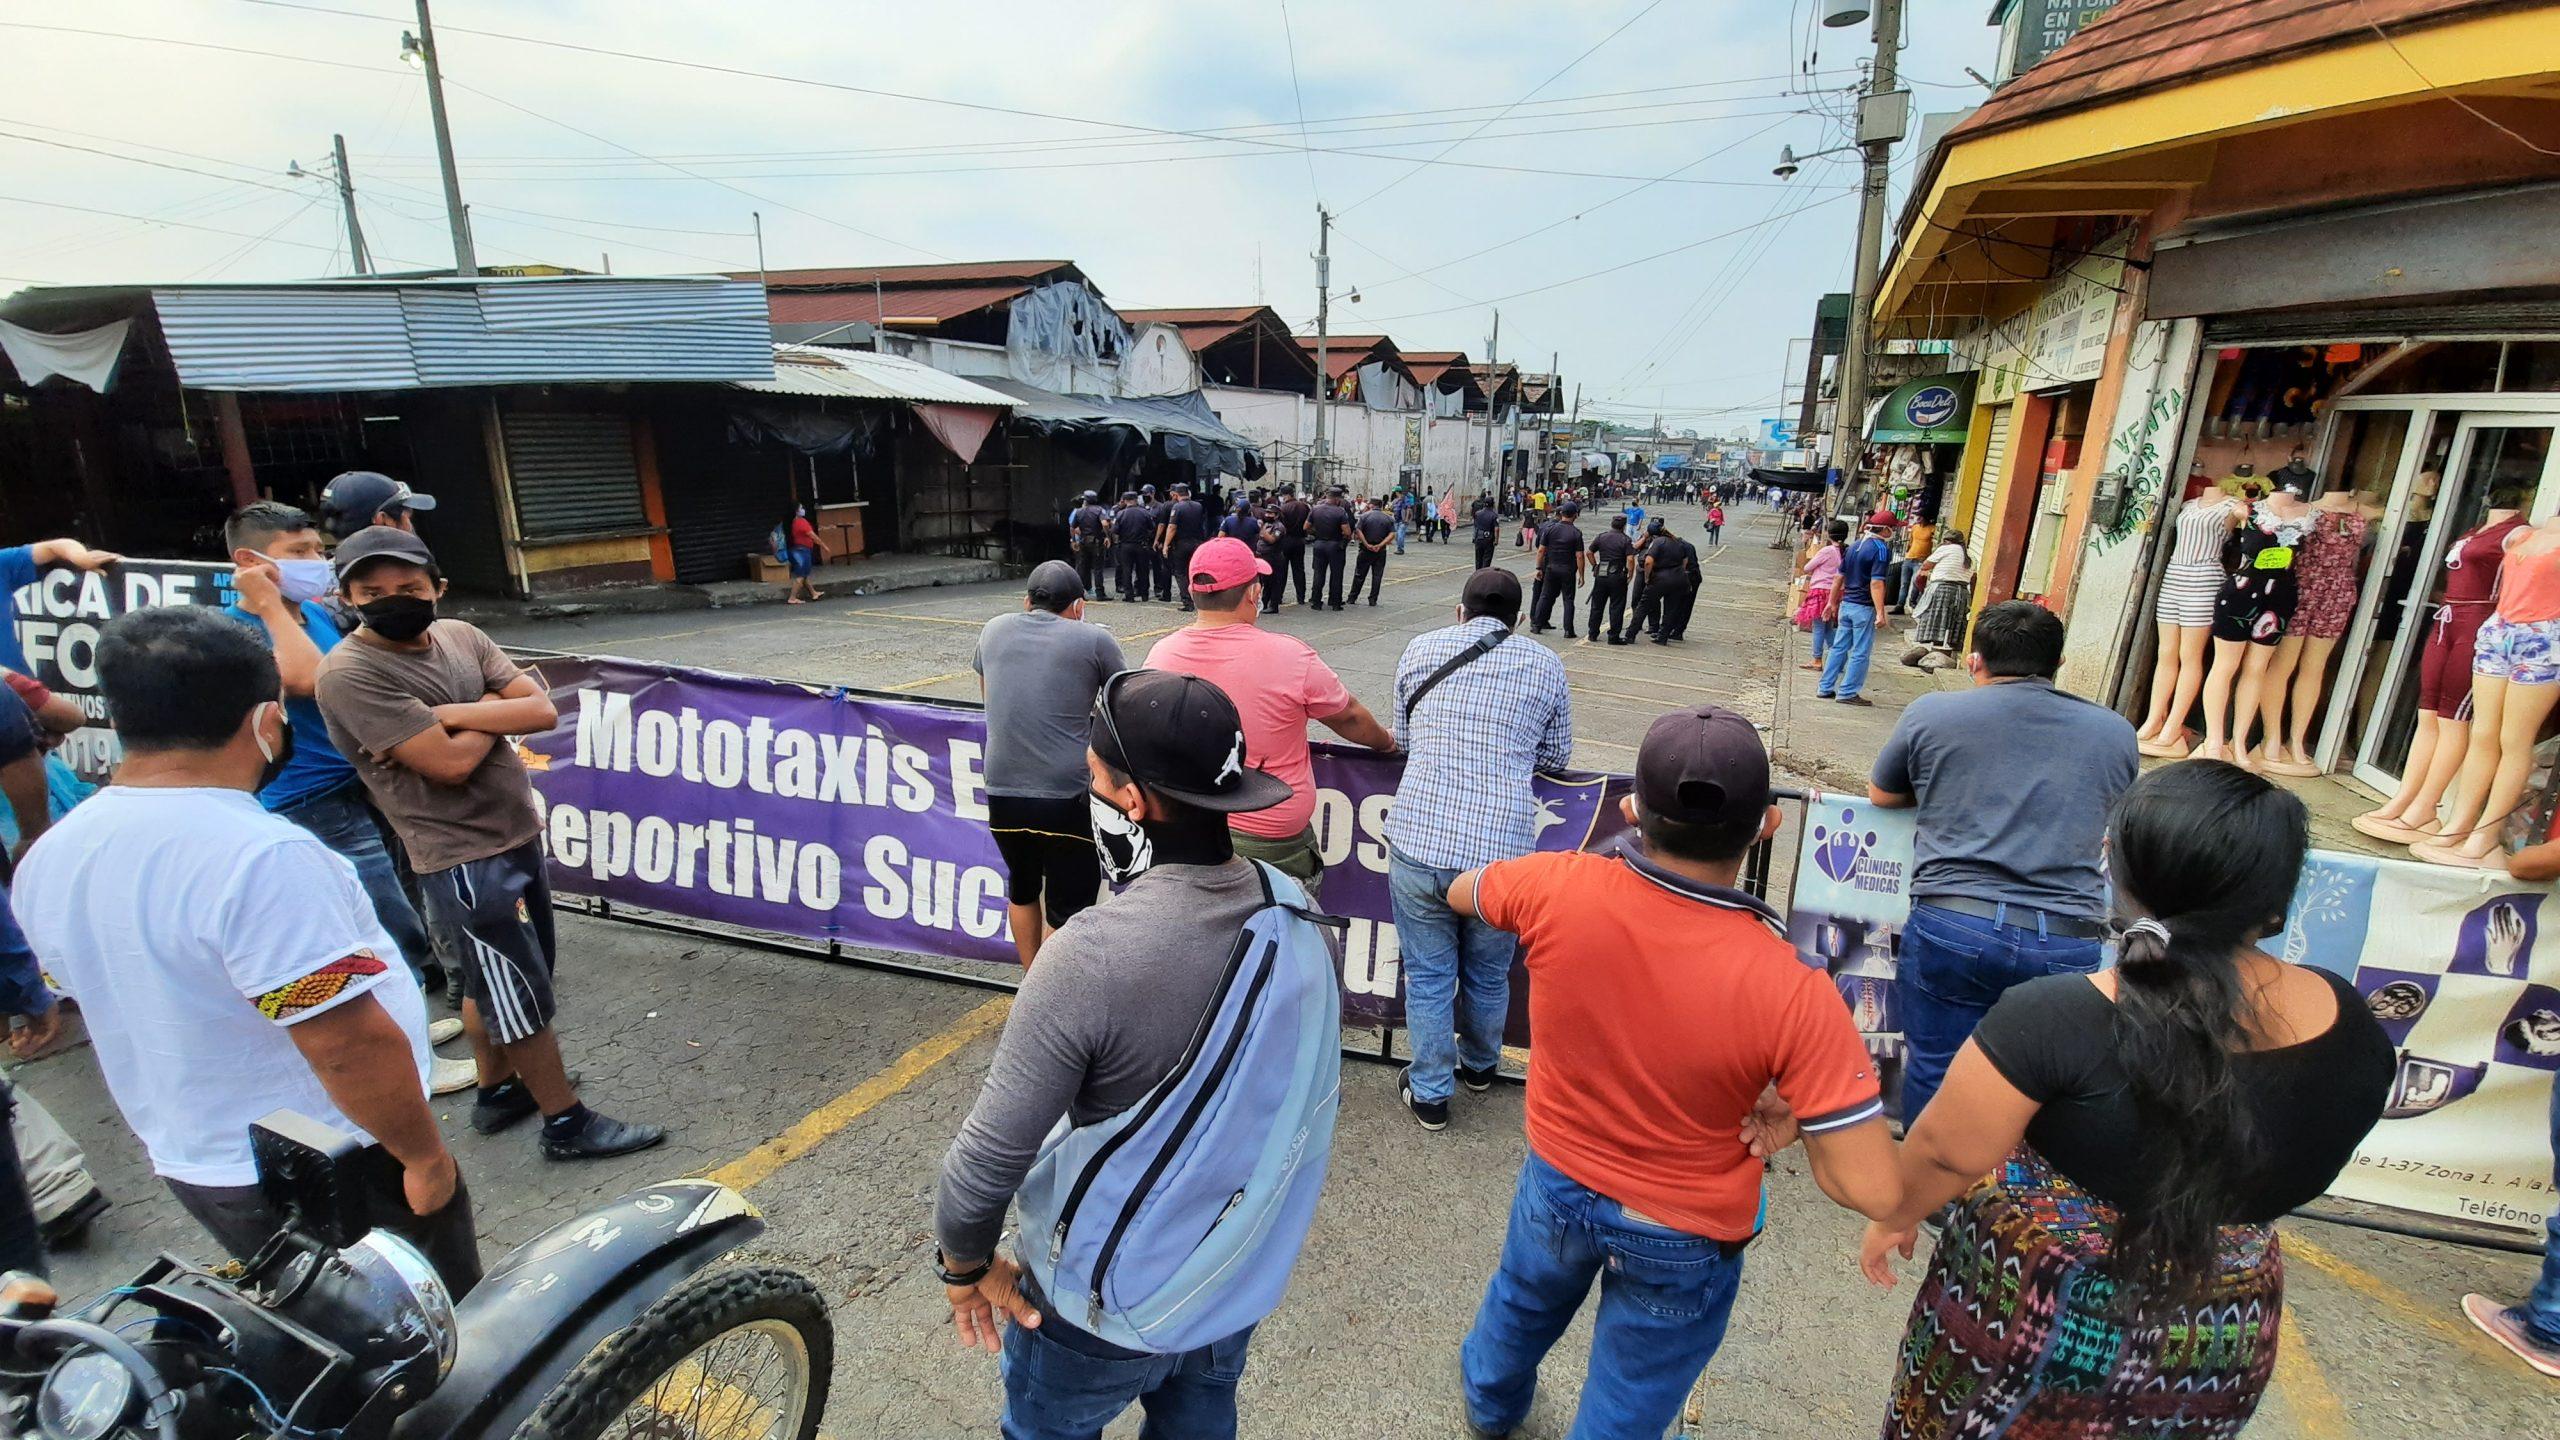 Los comerciantes aseguraron que no quieren seguir vendiendo en el Estadio Carlos Salazar y desean volver a la avenida Lincol. (Foto: Cristian Soto)